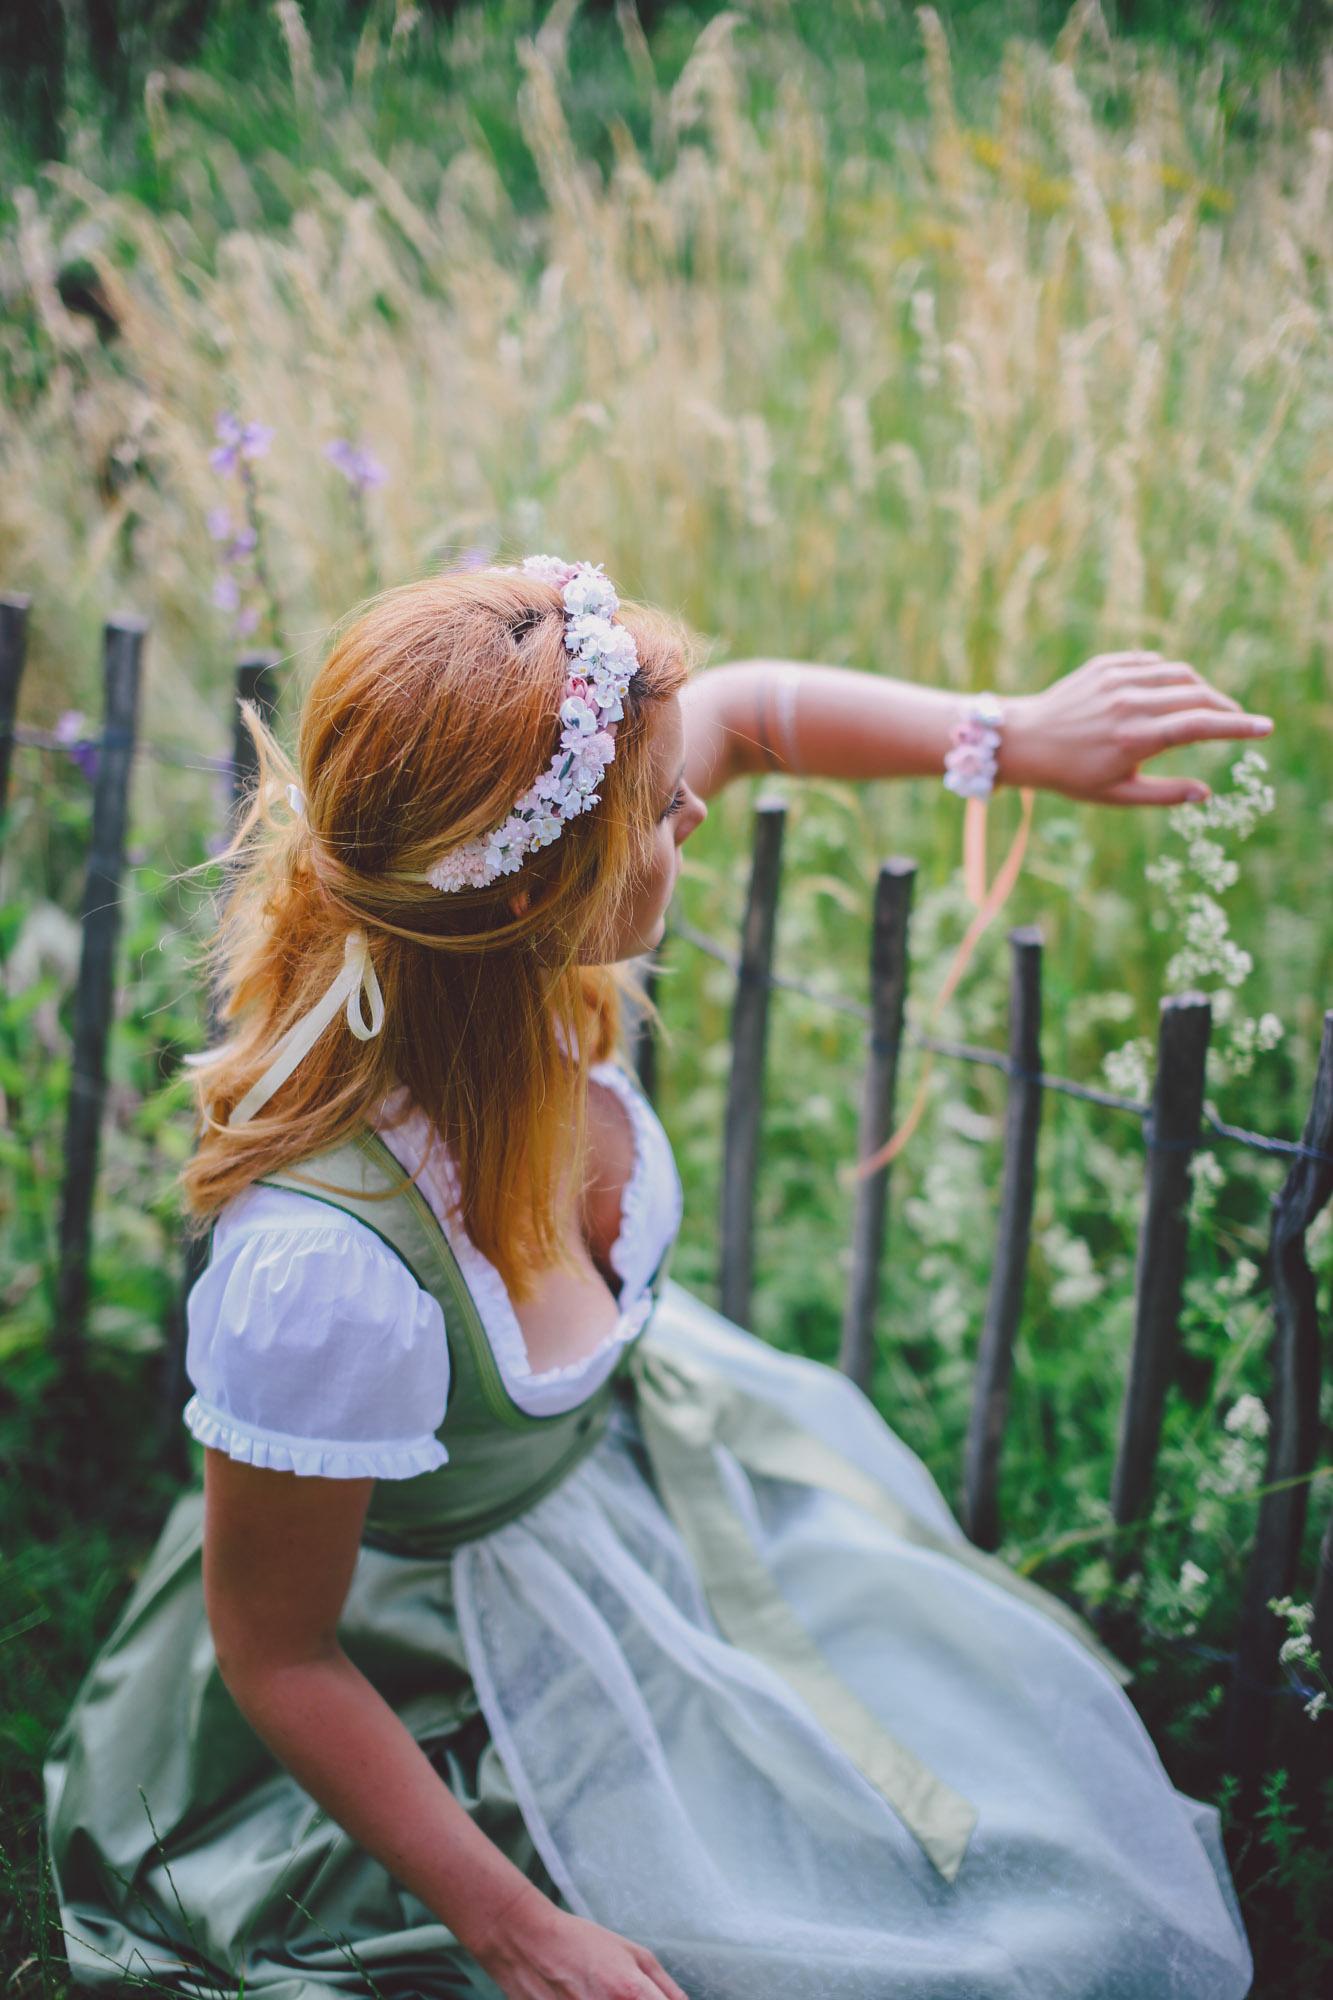 ADA16_Lookbook_We_are_flowergirls_blumenkranz_trachten_flowercrown_(13_von_40)_WEB.jpg